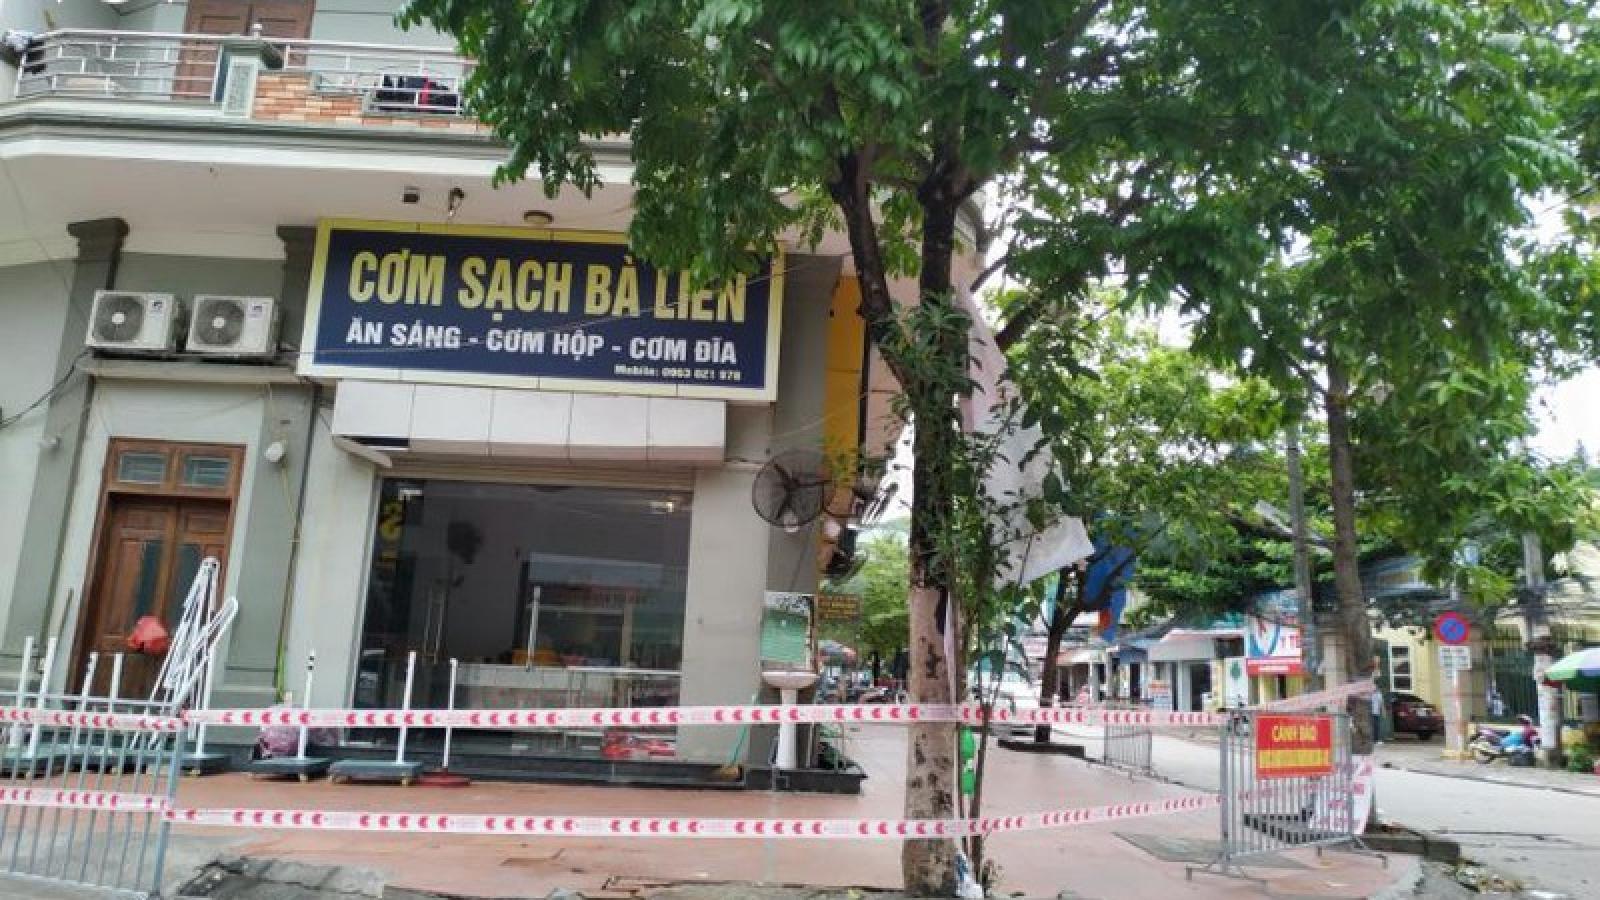 Quảng Ninh truy vết 41 trường hợp liên quan ca Covid-19 ở Bắc Giang